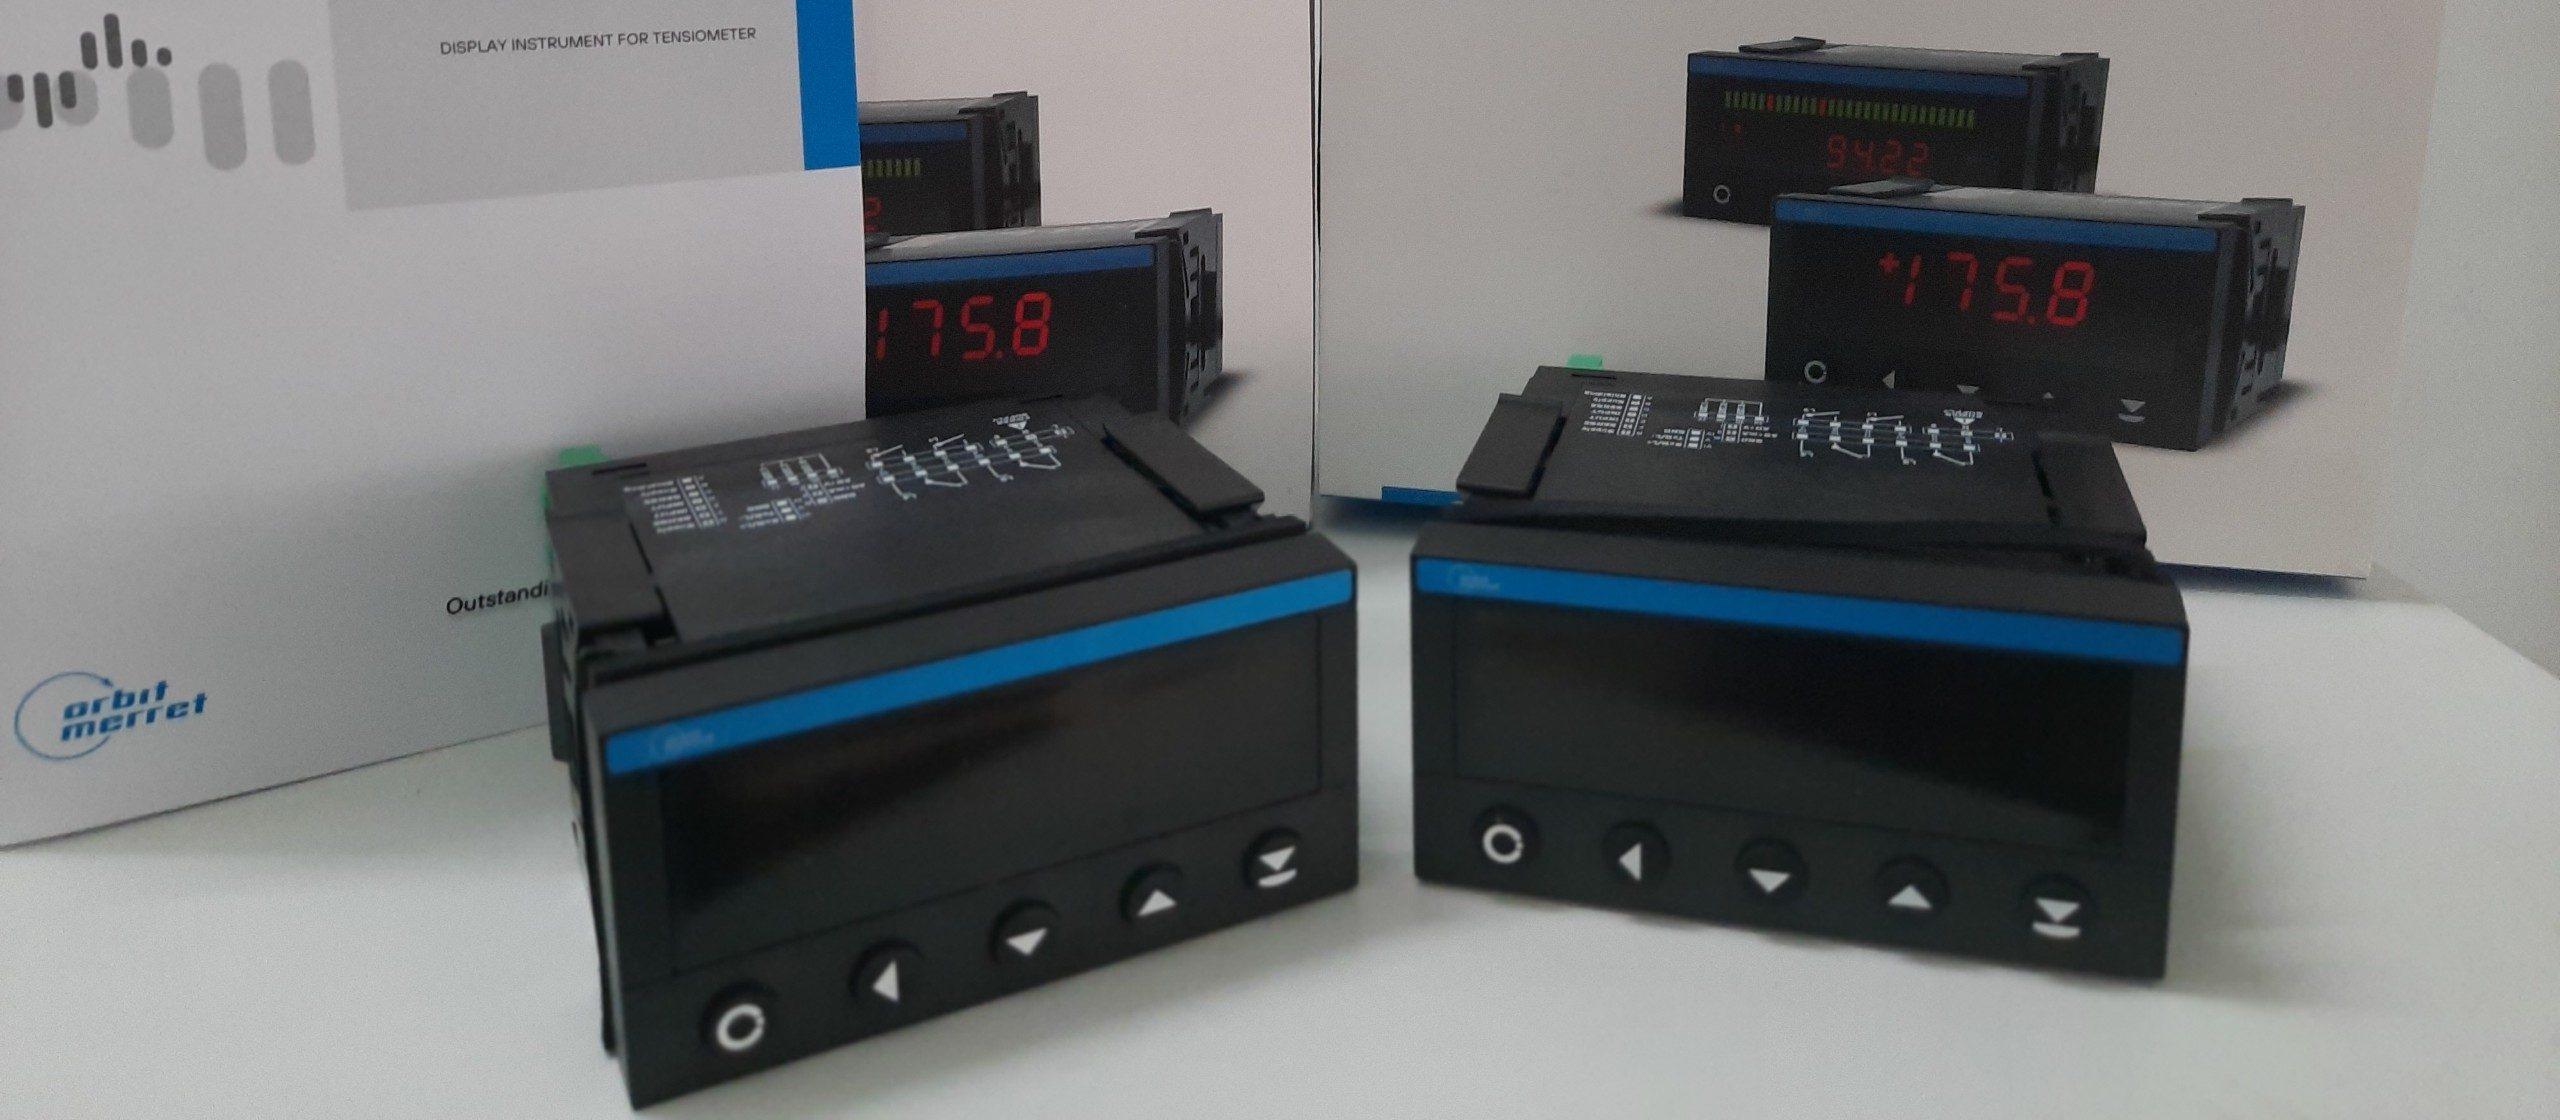 Bộ cách ly tín hiệu 0-10V co hiển thị